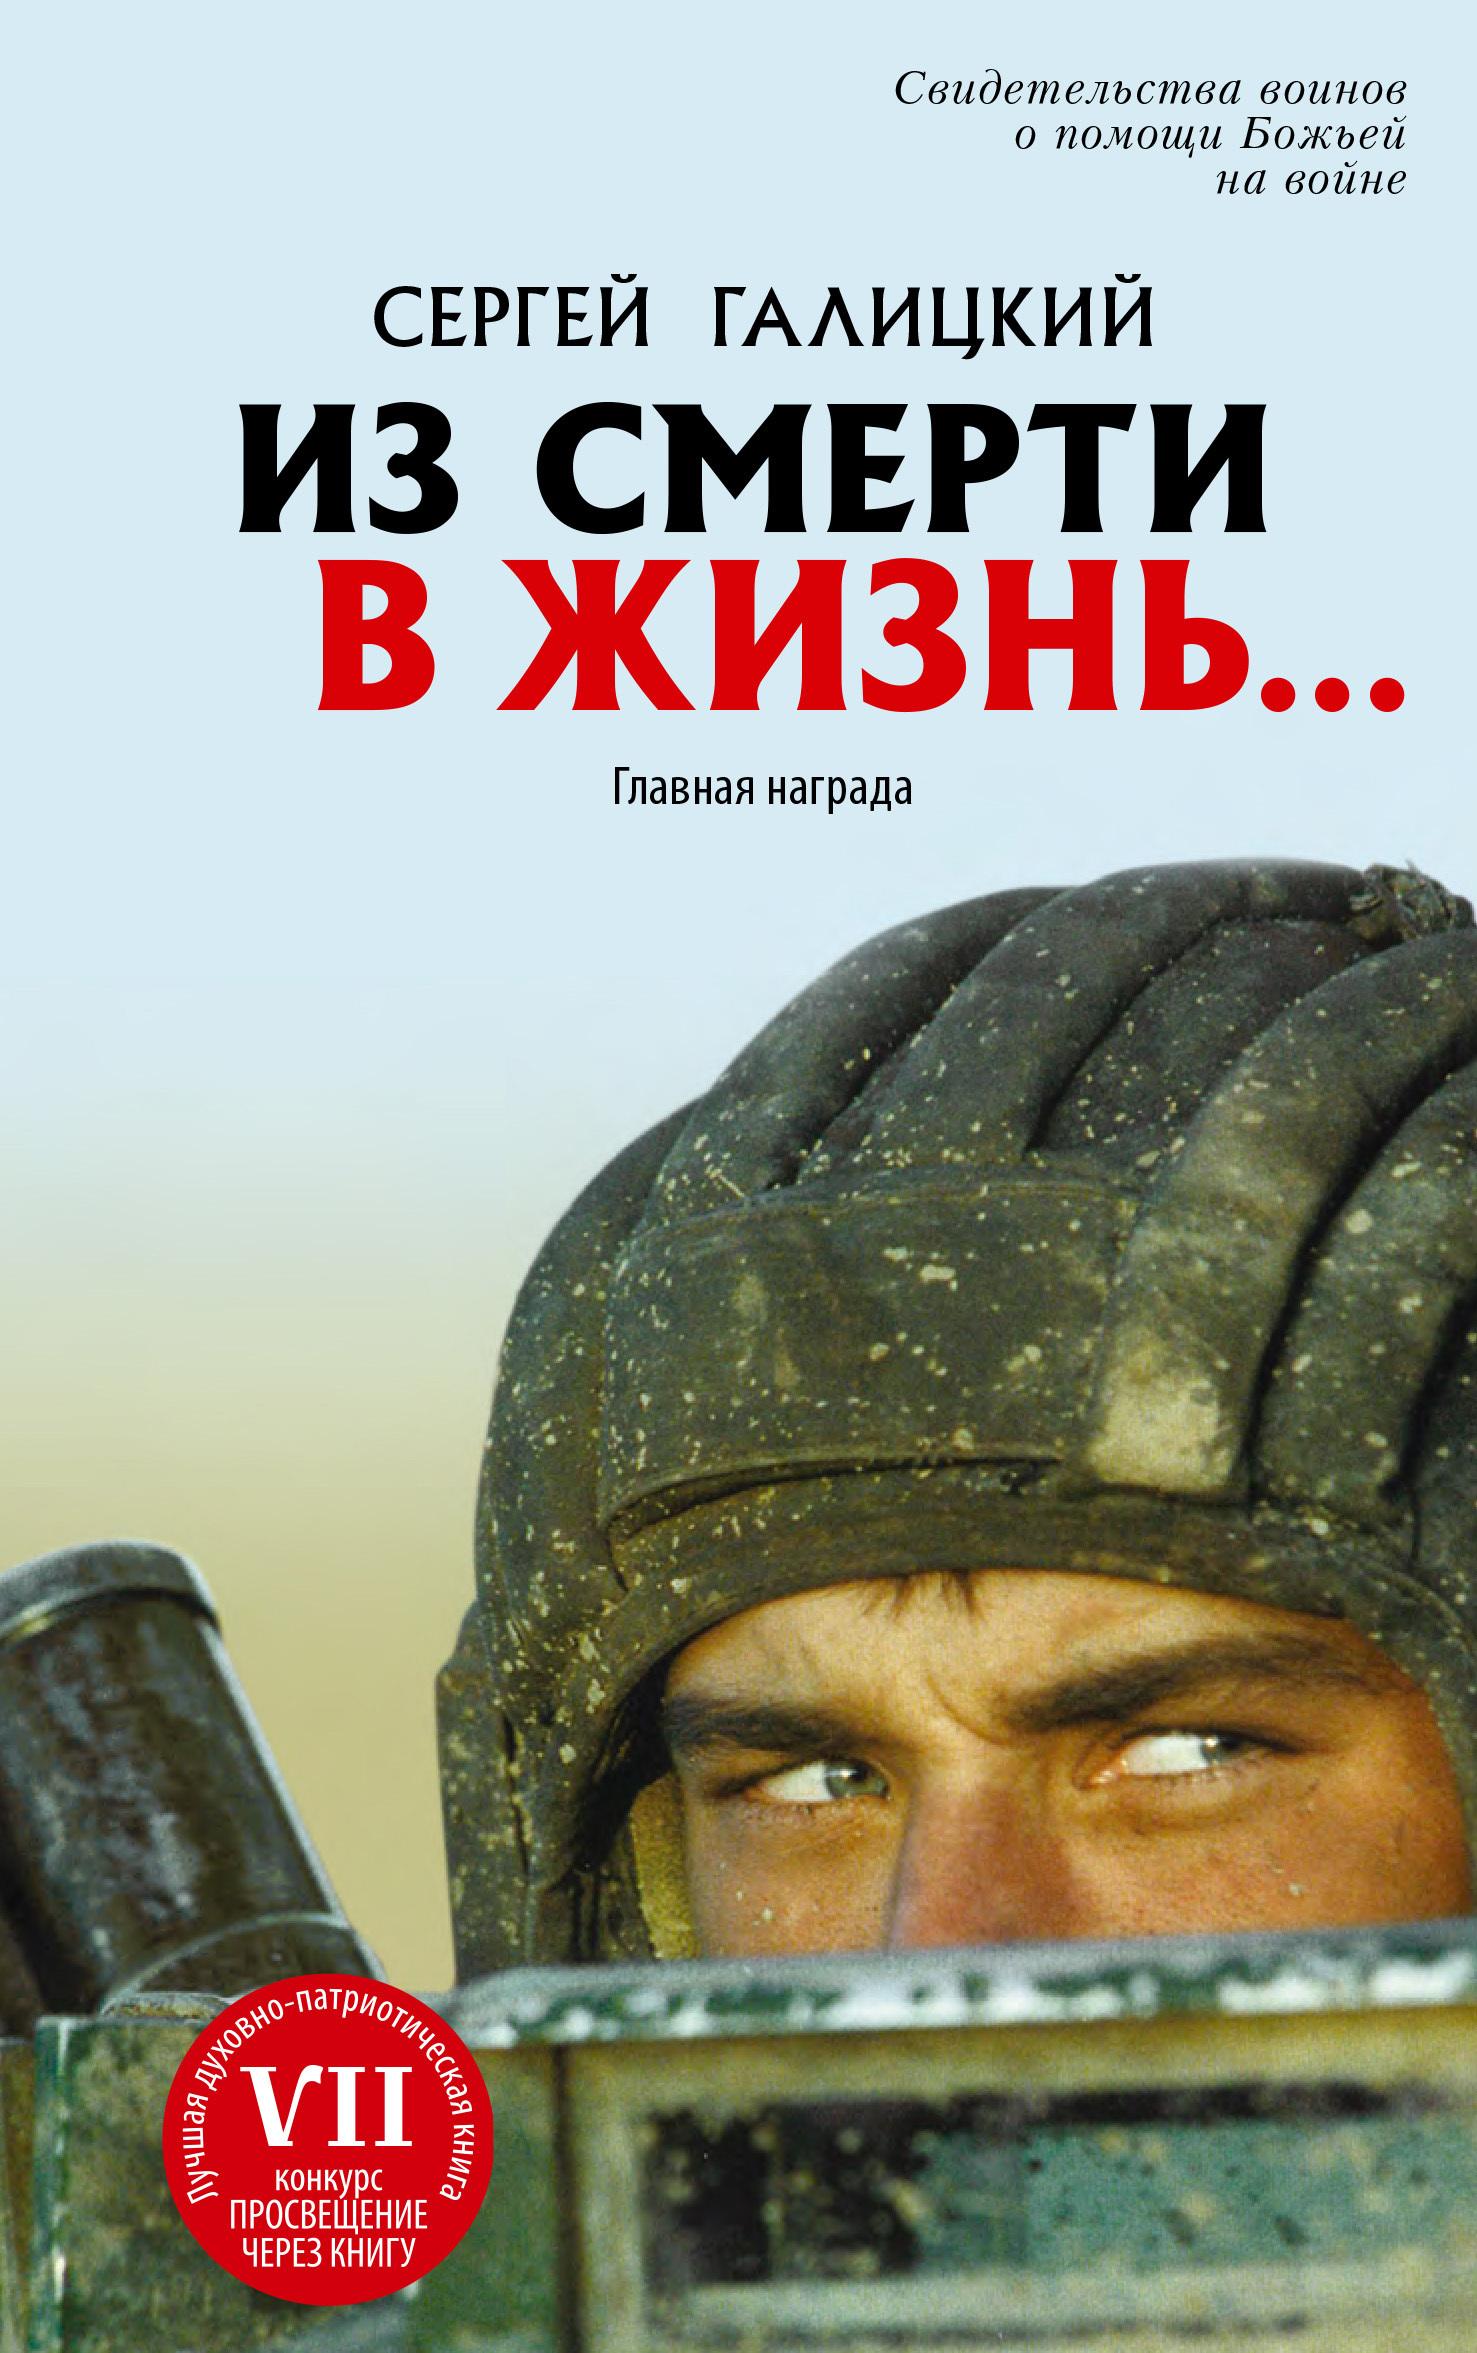 Сергей Галицкий - Из смерти в жизнь… Главная награда